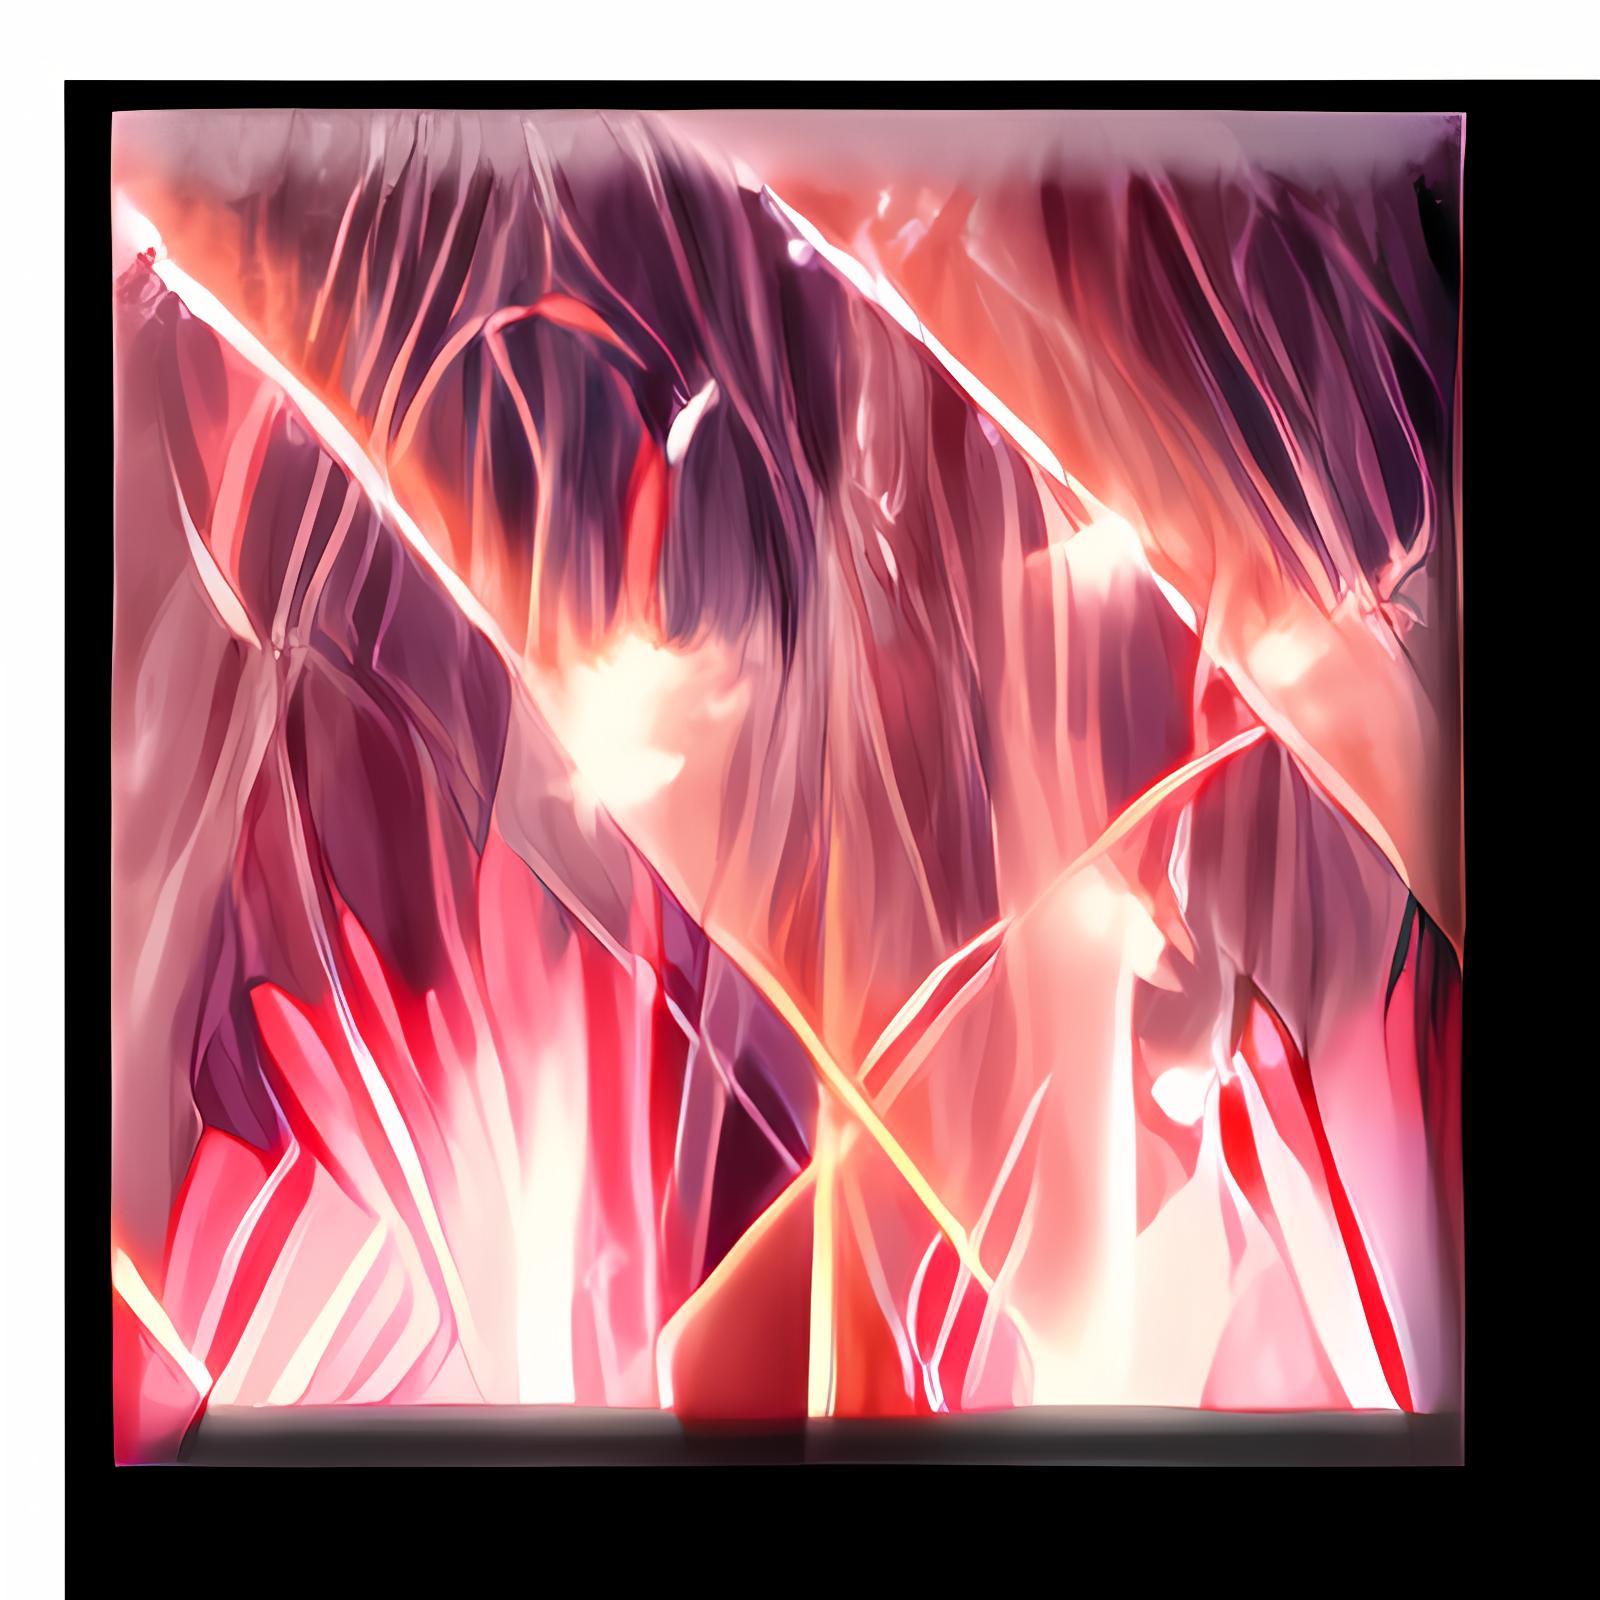 Feuerwerk-Bildschirmschoner